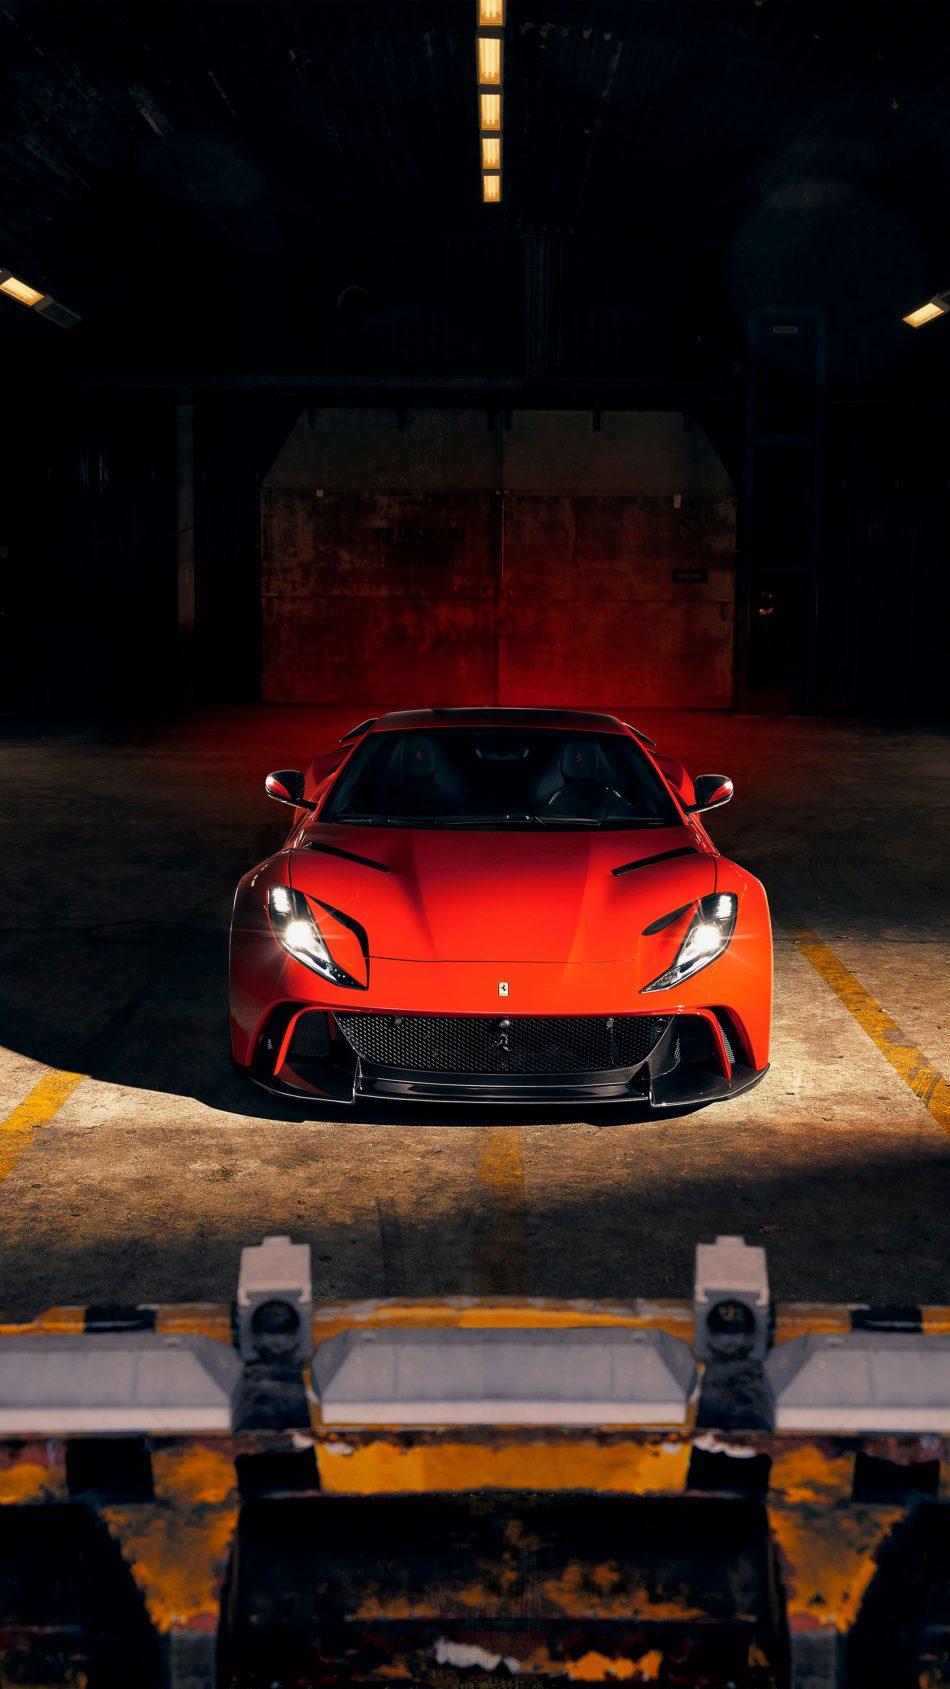 Ferrari 812 Superfast N Largo 4K Ultra HD Mobile Wallpaper